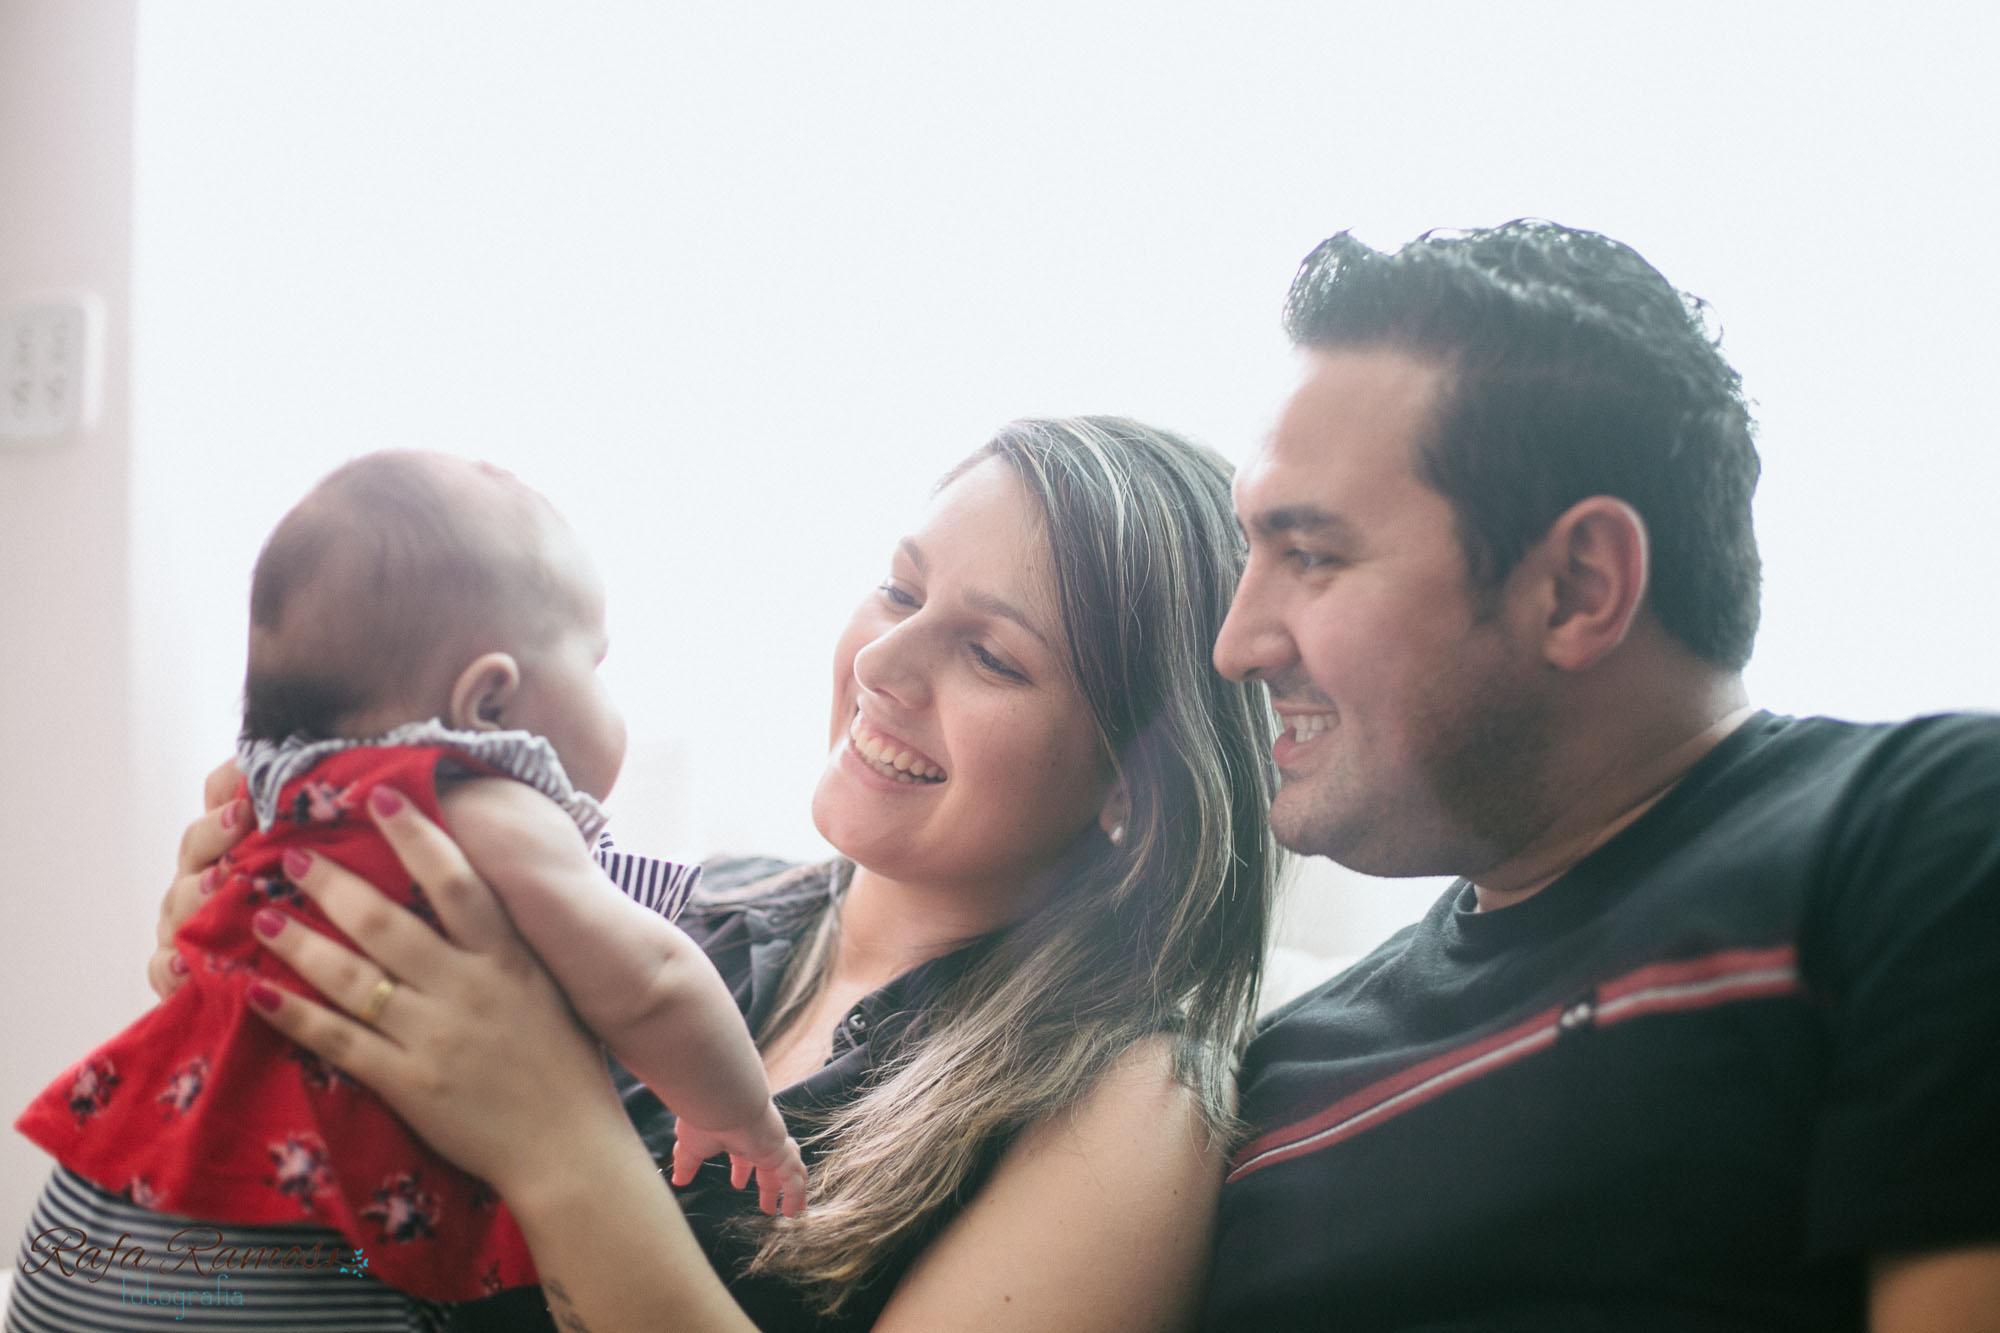 ensaio bebê, acompanhamento infantil, ensaio bebê, book bebê, neném, baby, São paulo, SP, ensaio, bebê, fotografo, família, ensaio de família, fotografia de família, fotografia criativa, ensaio fotografico, blog de fotografia, Rafa Ramos, Fotografo, Rafa Ramos Fotografia